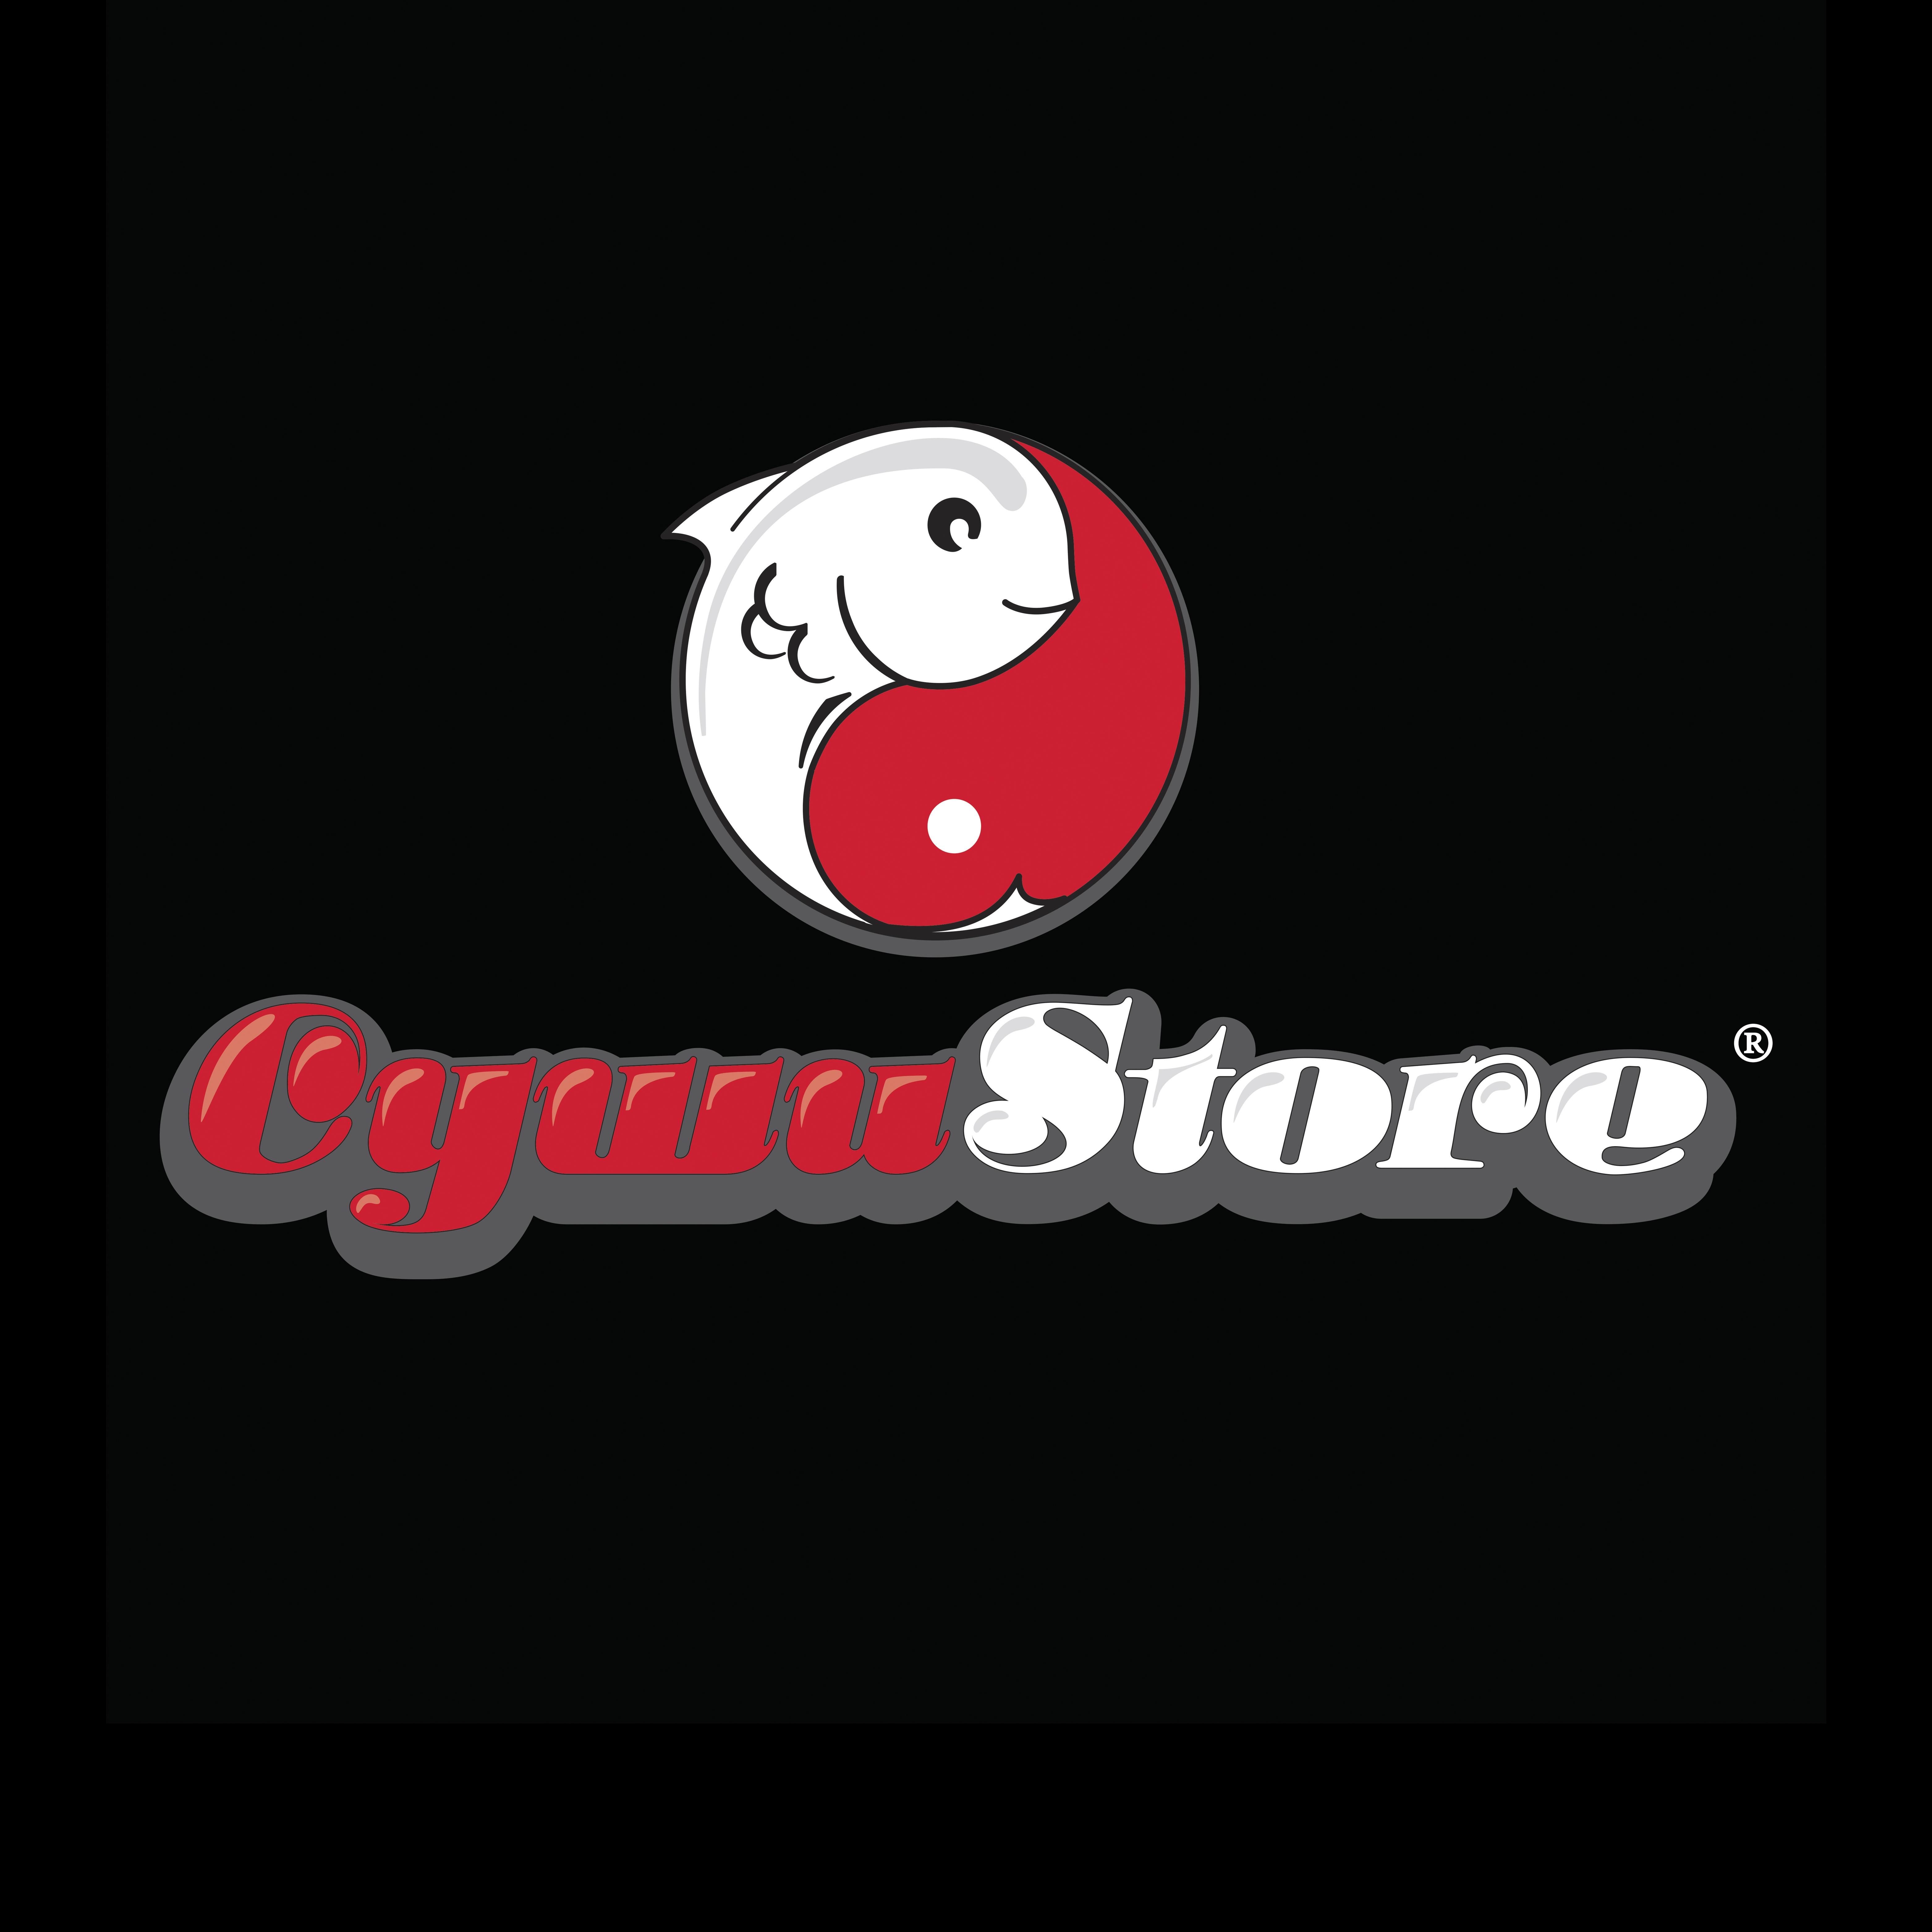 СушиStore